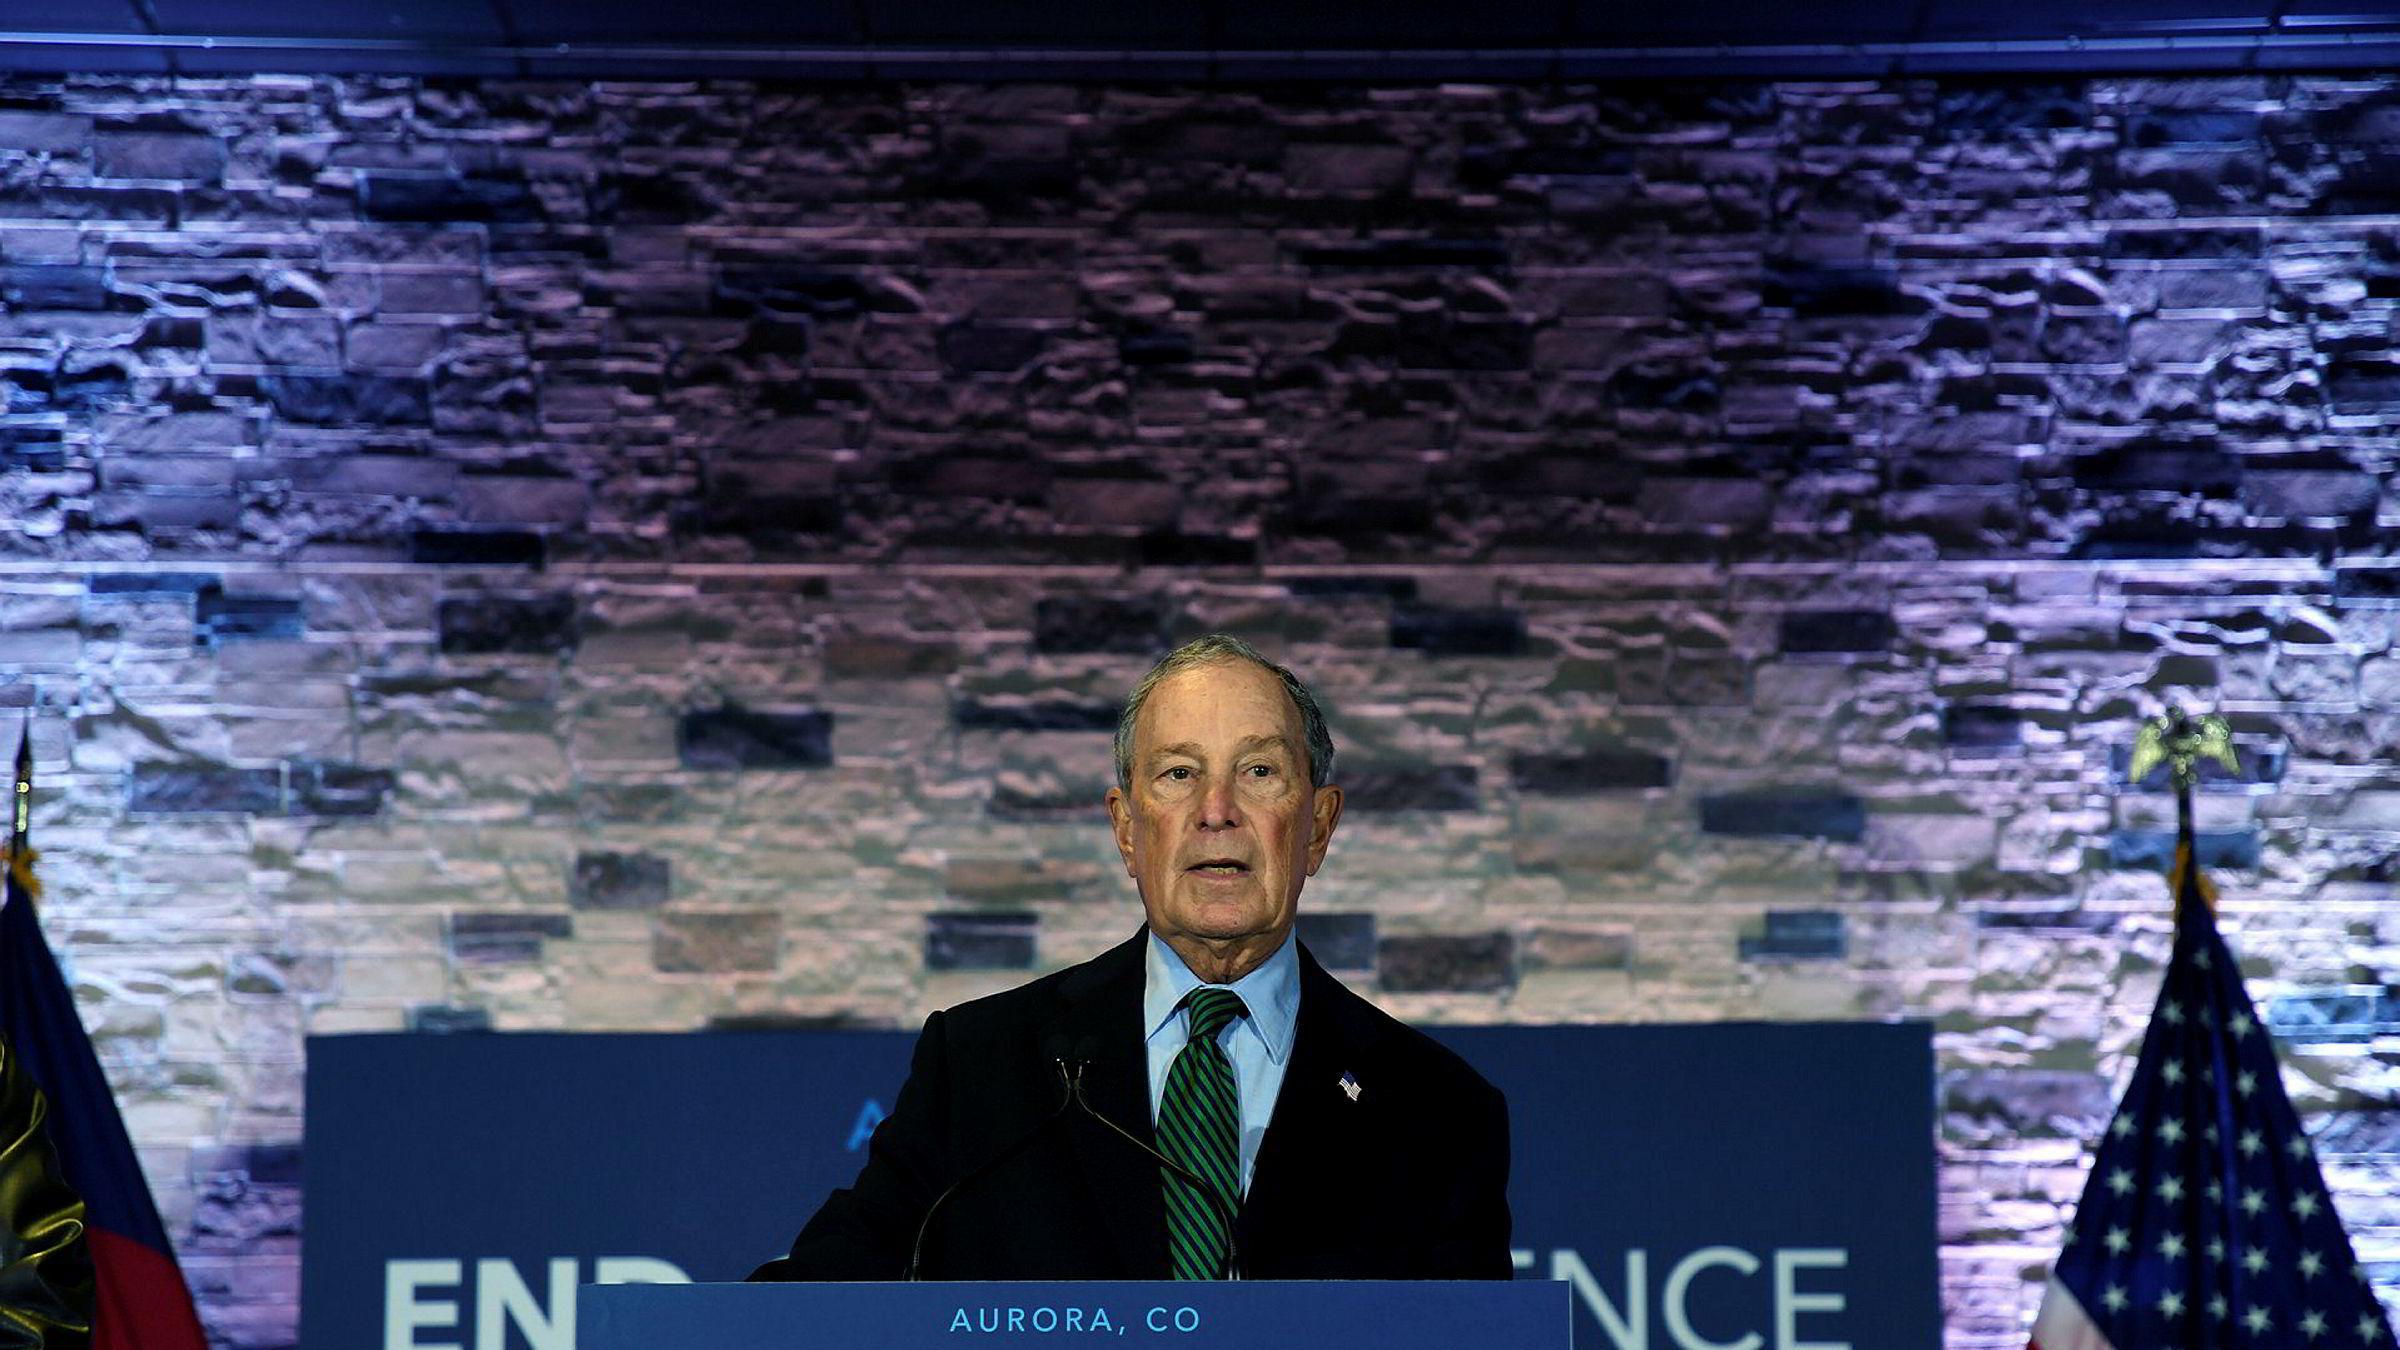 Milliardær Michael Bloomberg varslet at han vil gå inn for strengere våpenlover dersom han blir valgt til Demokratenes presidentkandidat ved neste års valg.